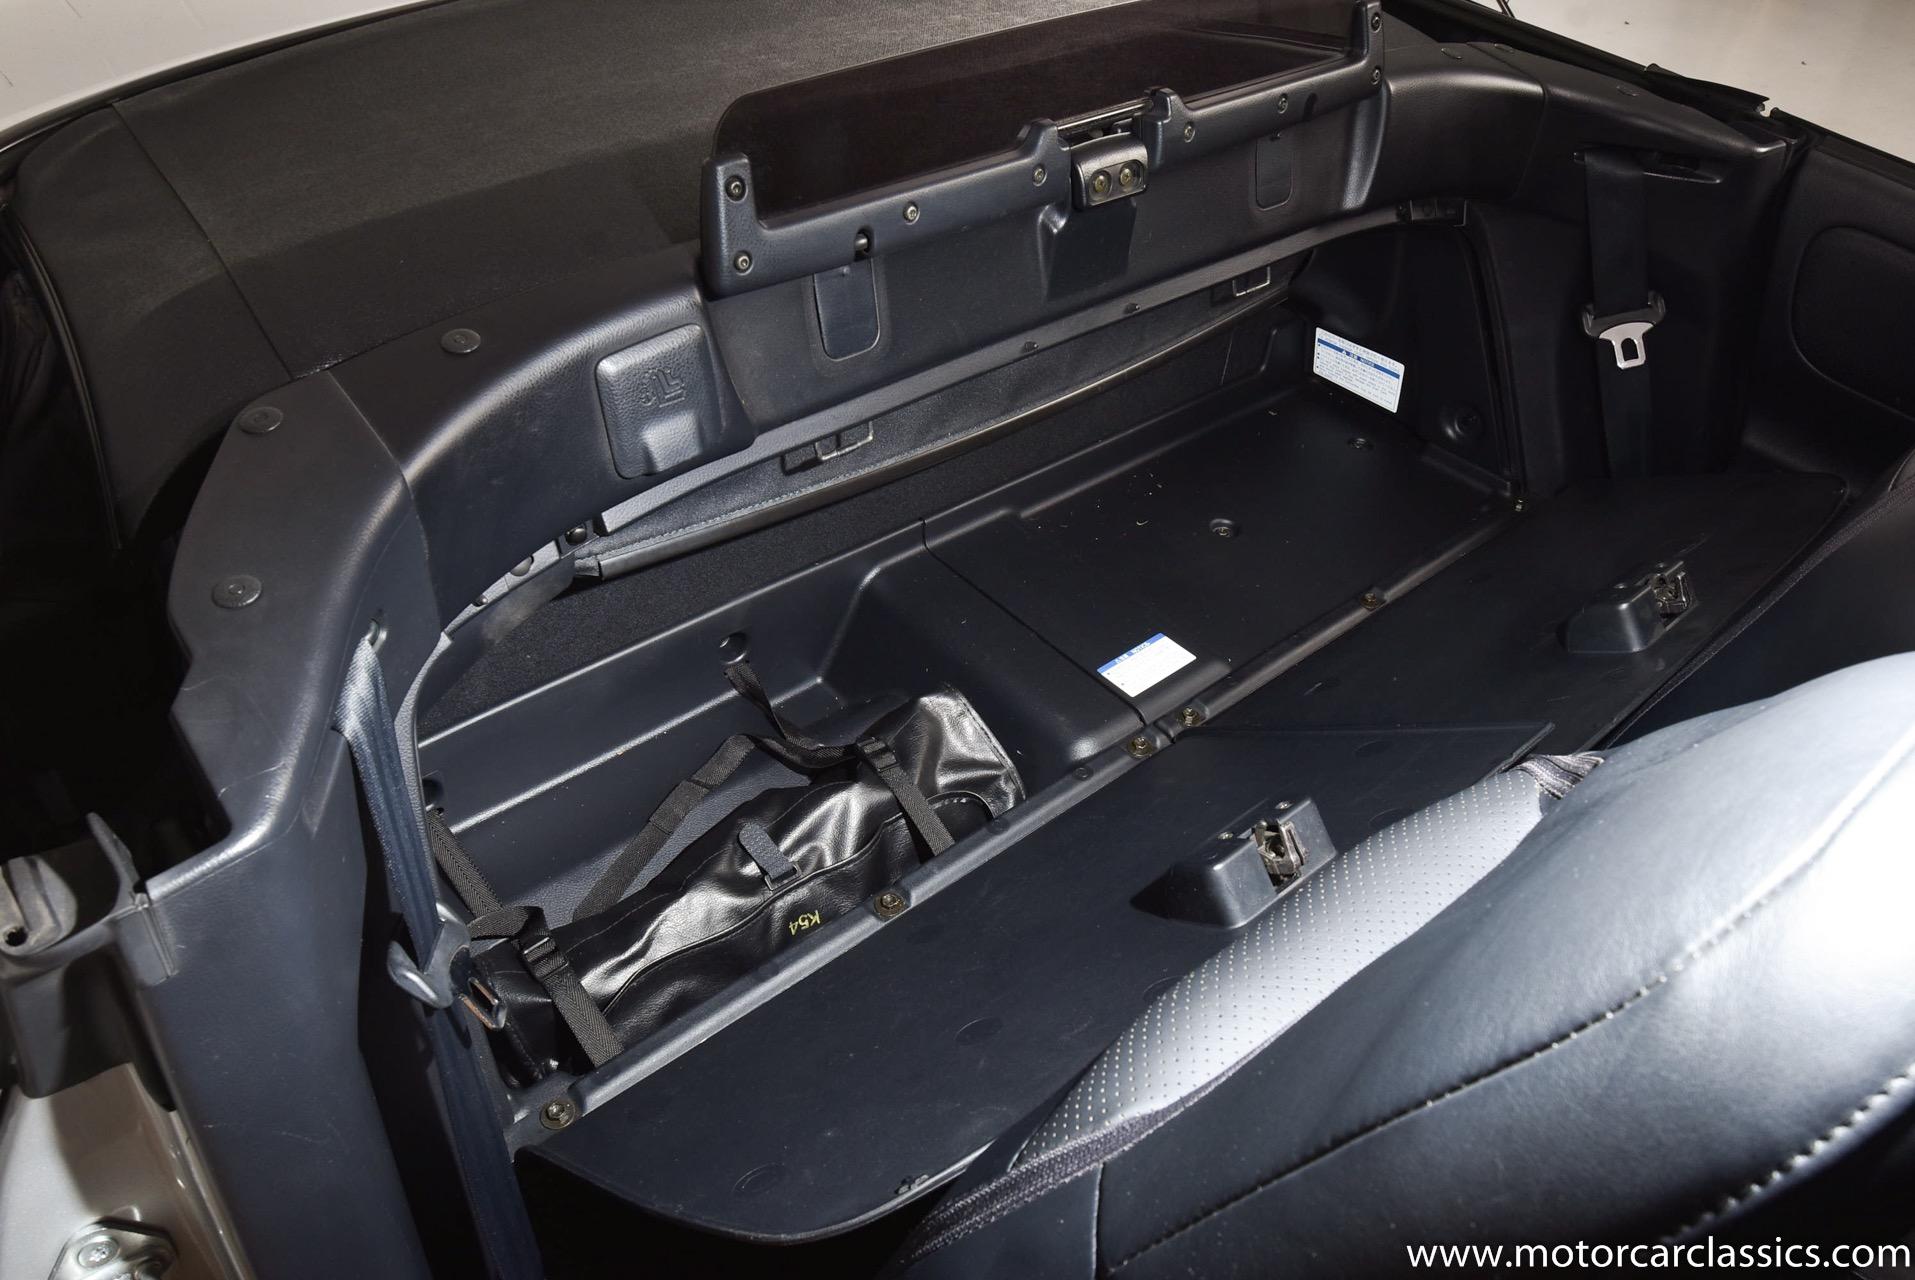 2004 Toyota MR2 Spyder